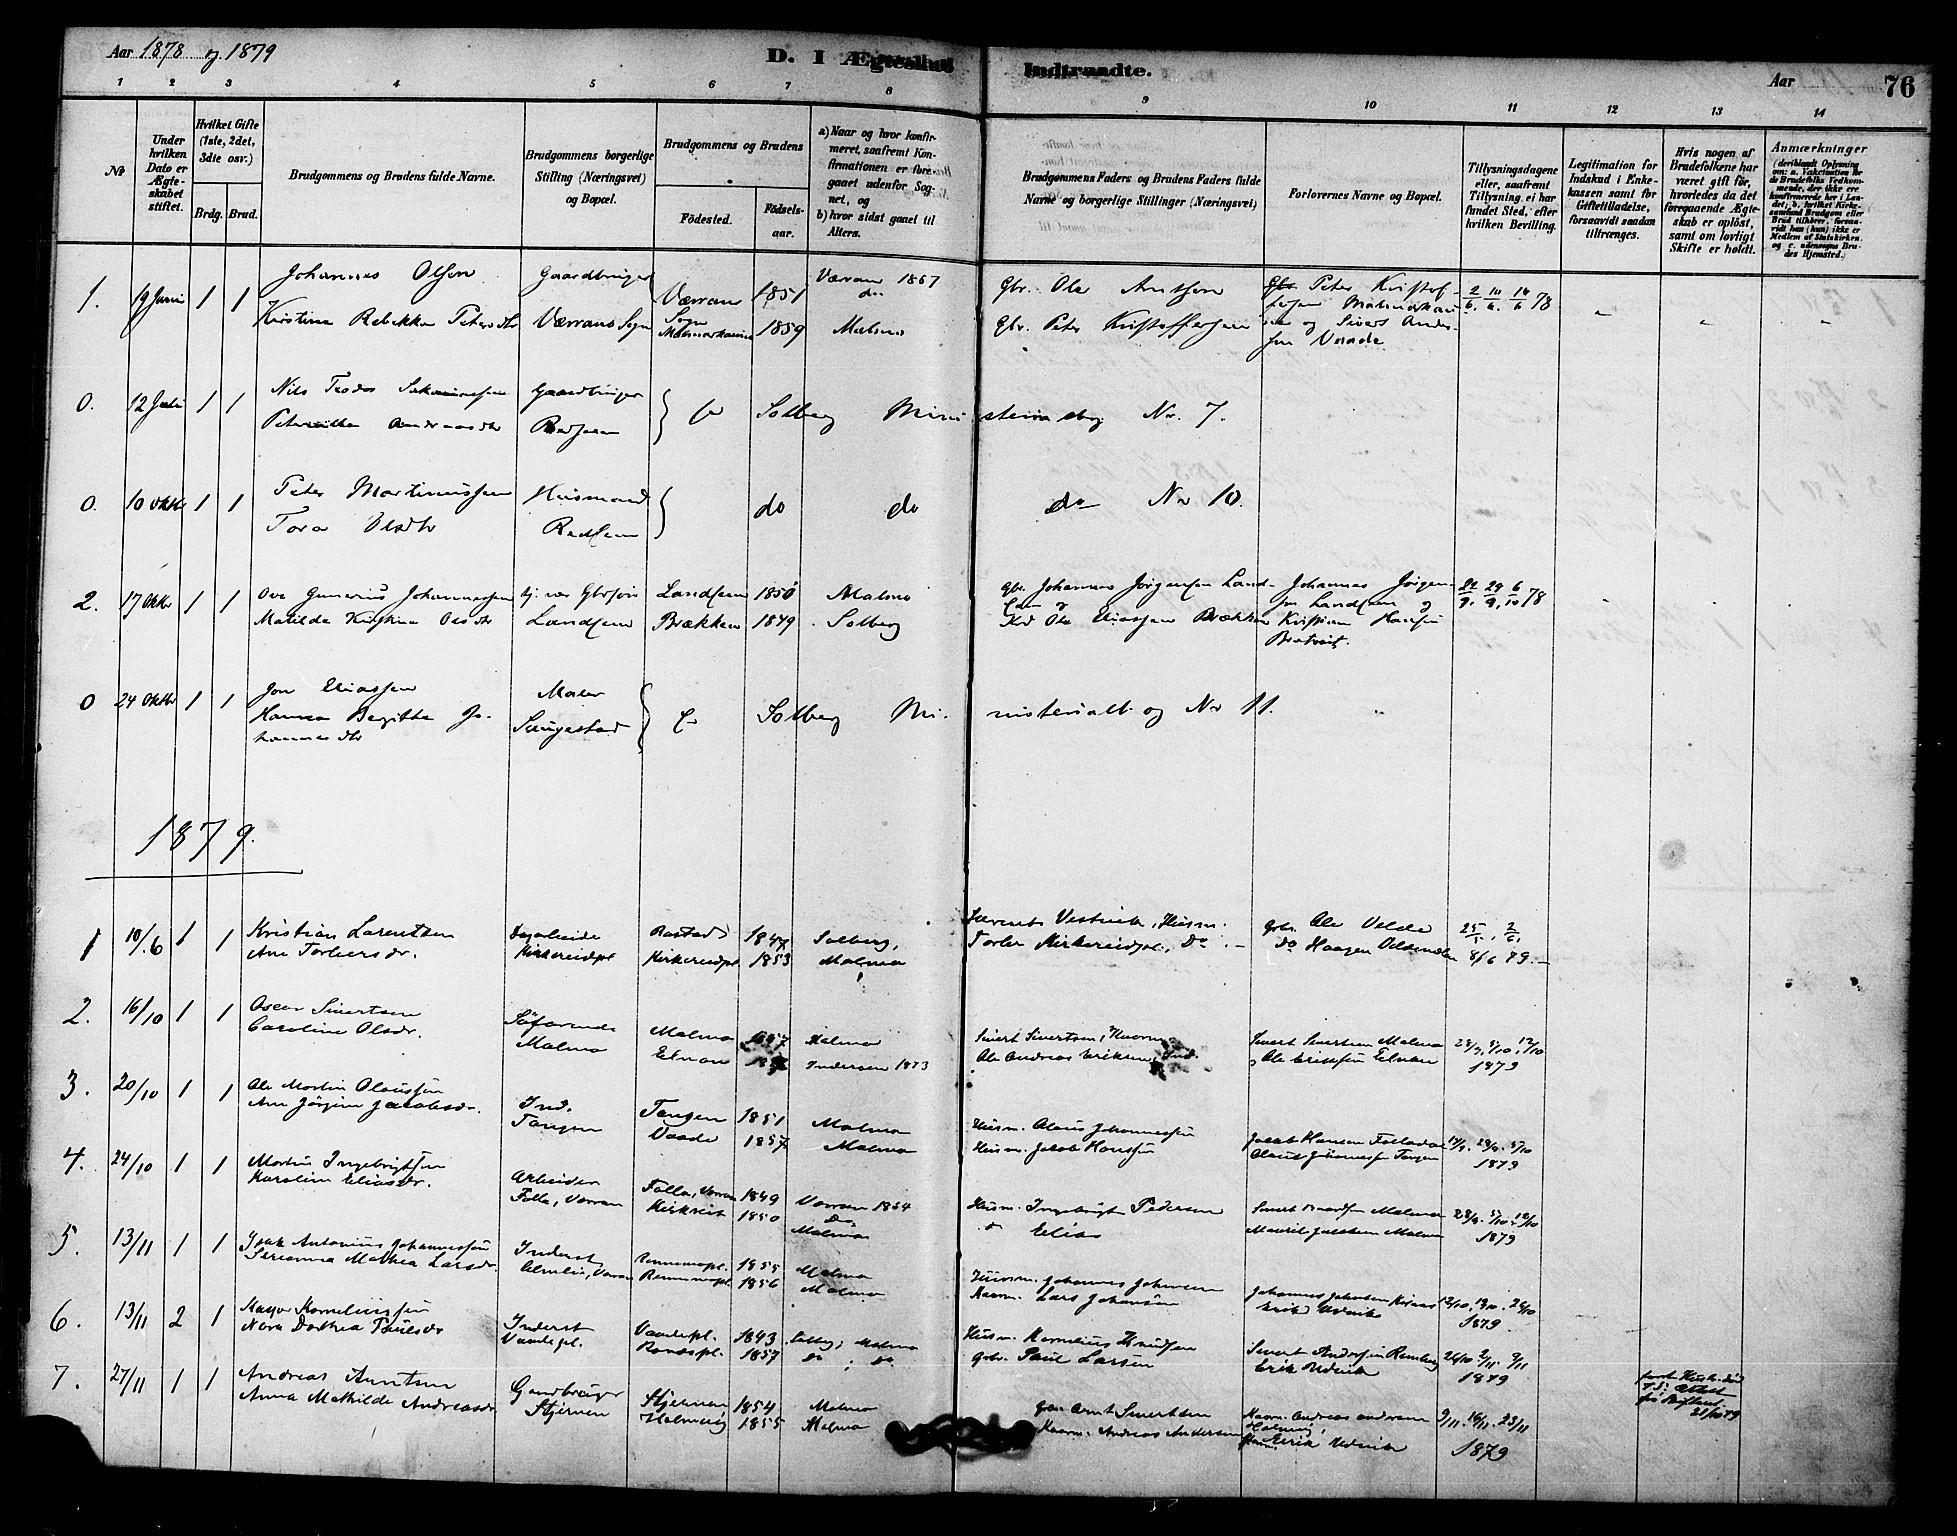 SAT, Ministerialprotokoller, klokkerbøker og fødselsregistre - Nord-Trøndelag, 745/L0429: Ministerialbok nr. 745A01, 1878-1894, s. 76